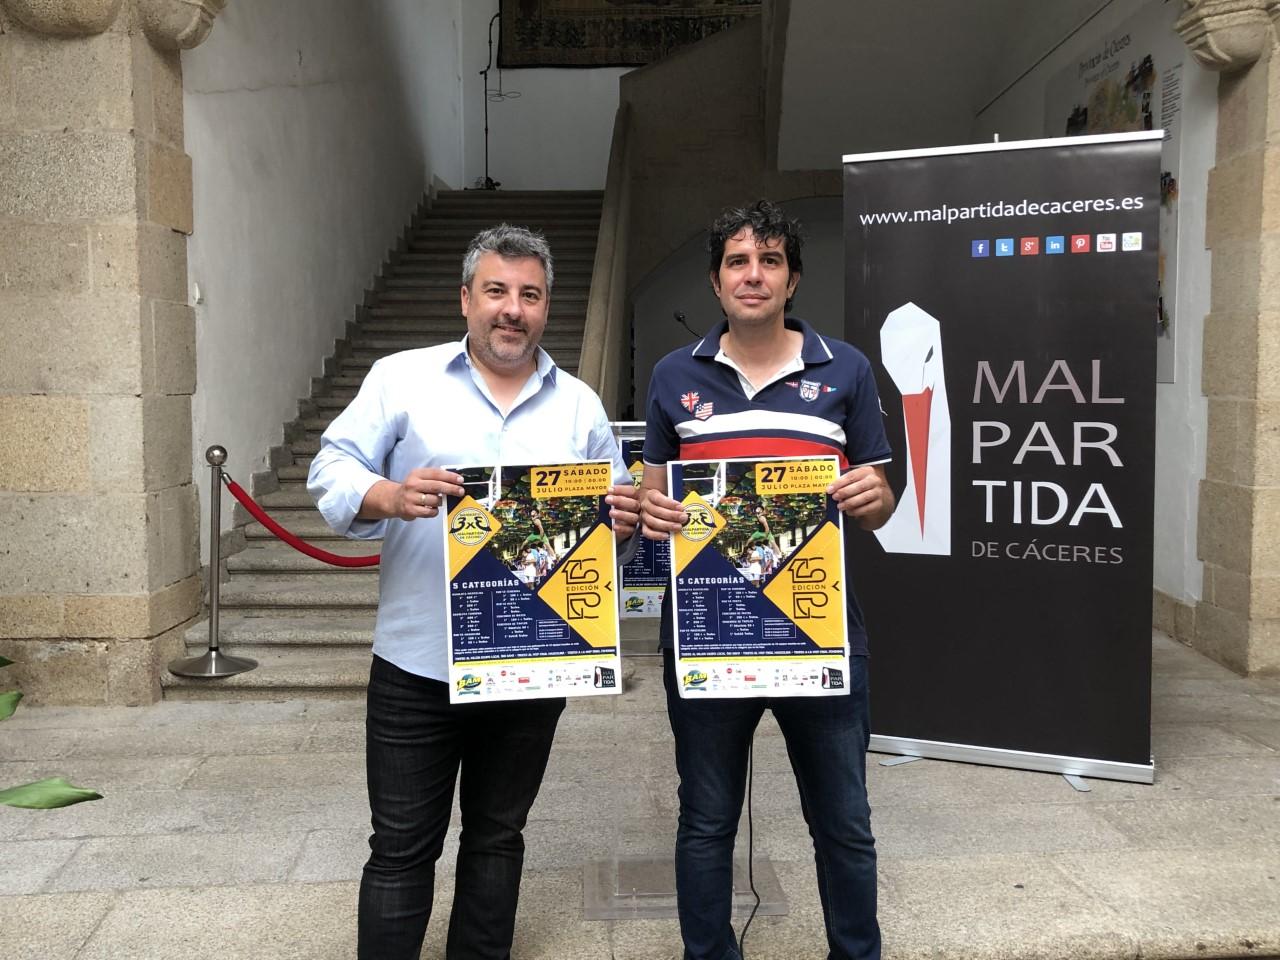 Decimotercera edición del 3 x 3 Baloncesto en la calle de Malpartida de Cáceres